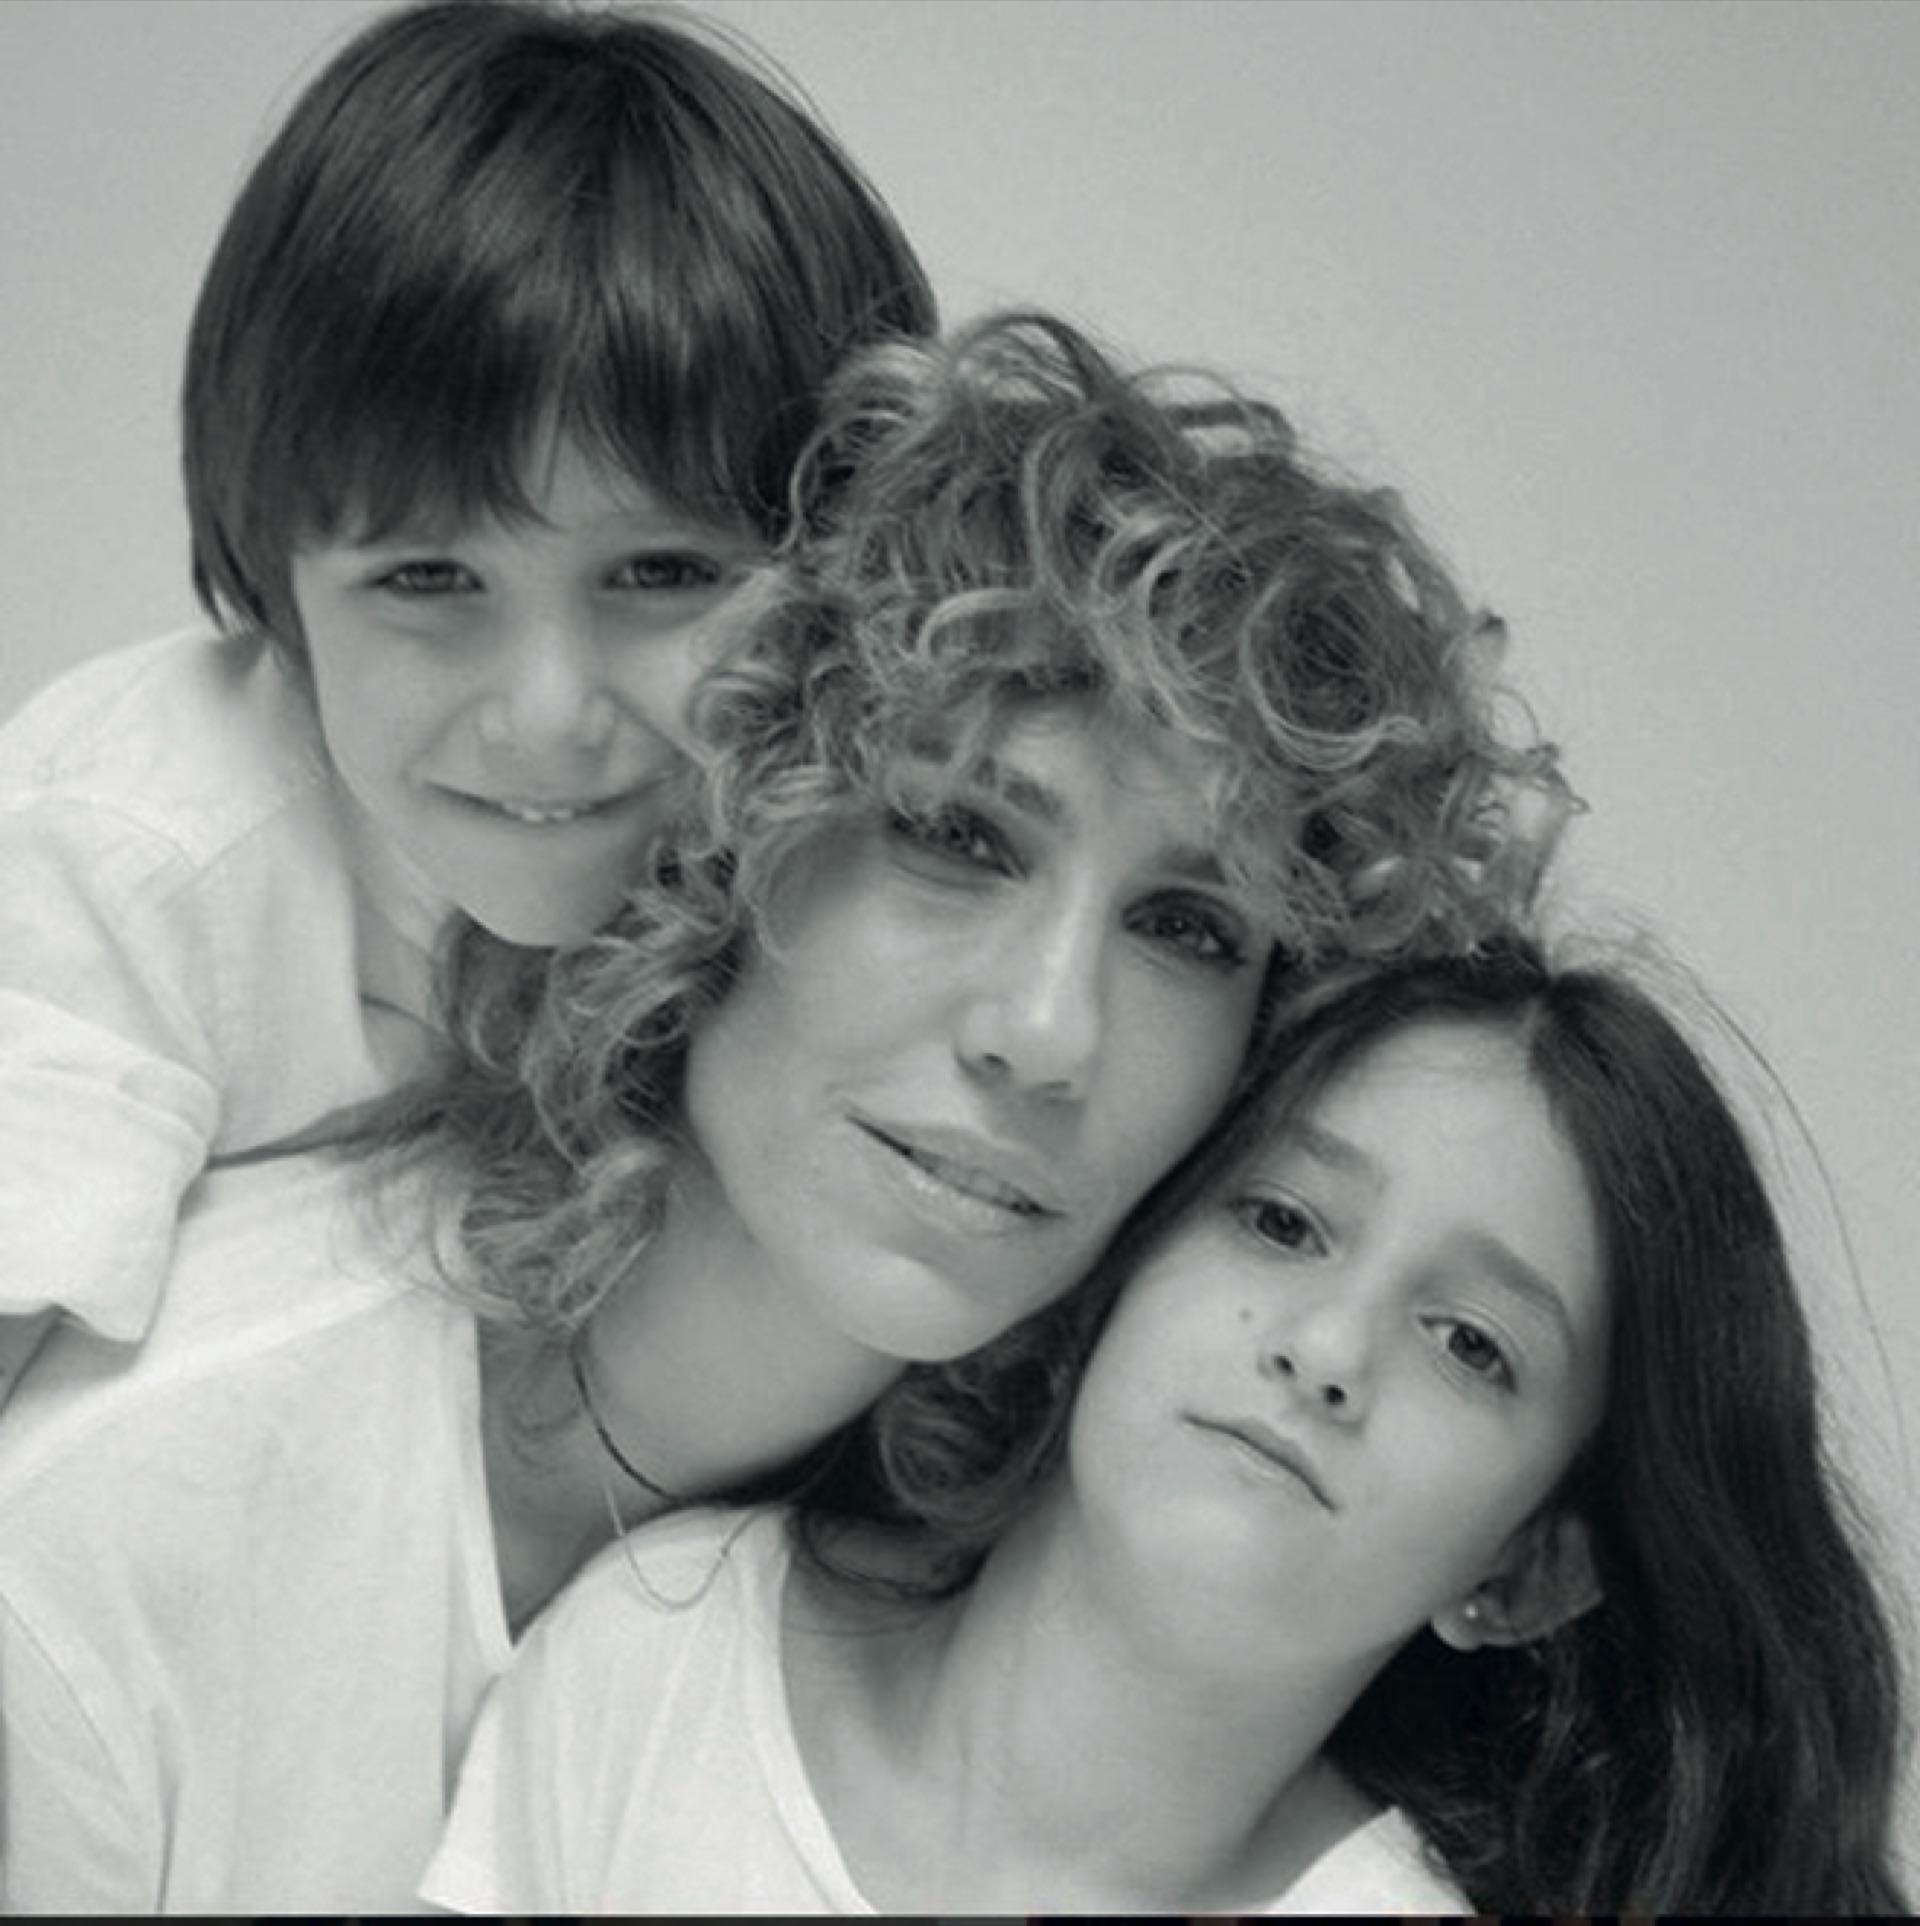 Con sus hijos Lola (9) y Bruno (6) en una fotografía tomada por Gonzalo Romero.